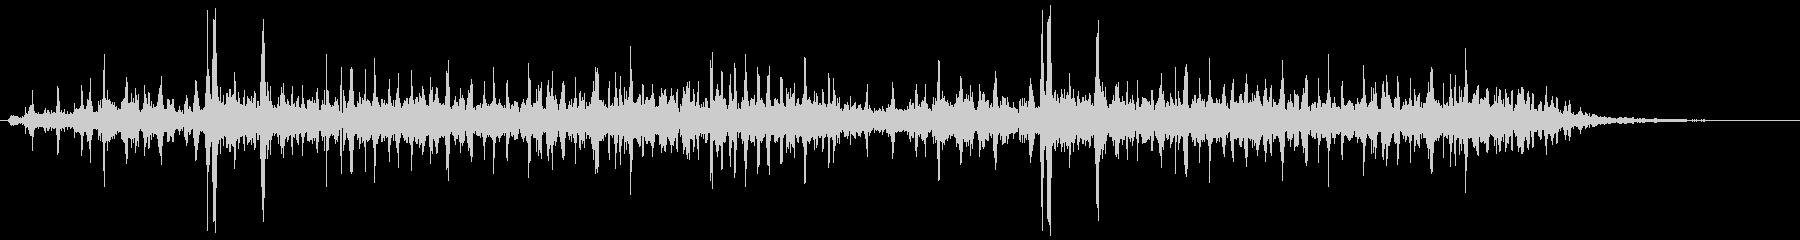 金属が回転するような音3(クルクル)の未再生の波形